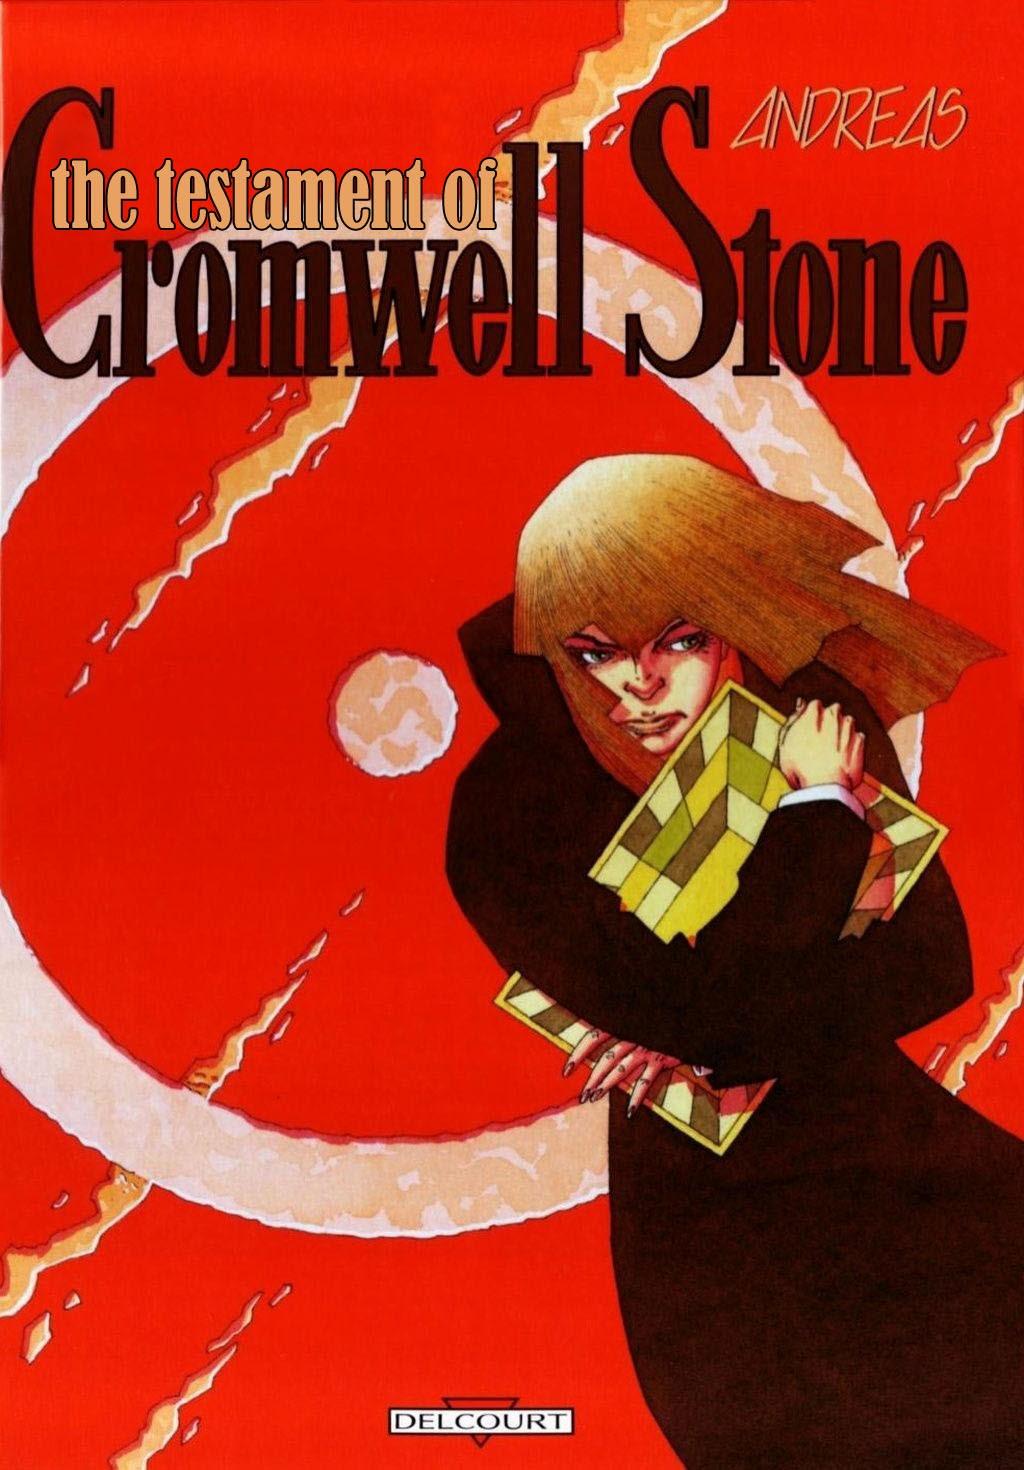 Cromwell Stone 3 Page 1